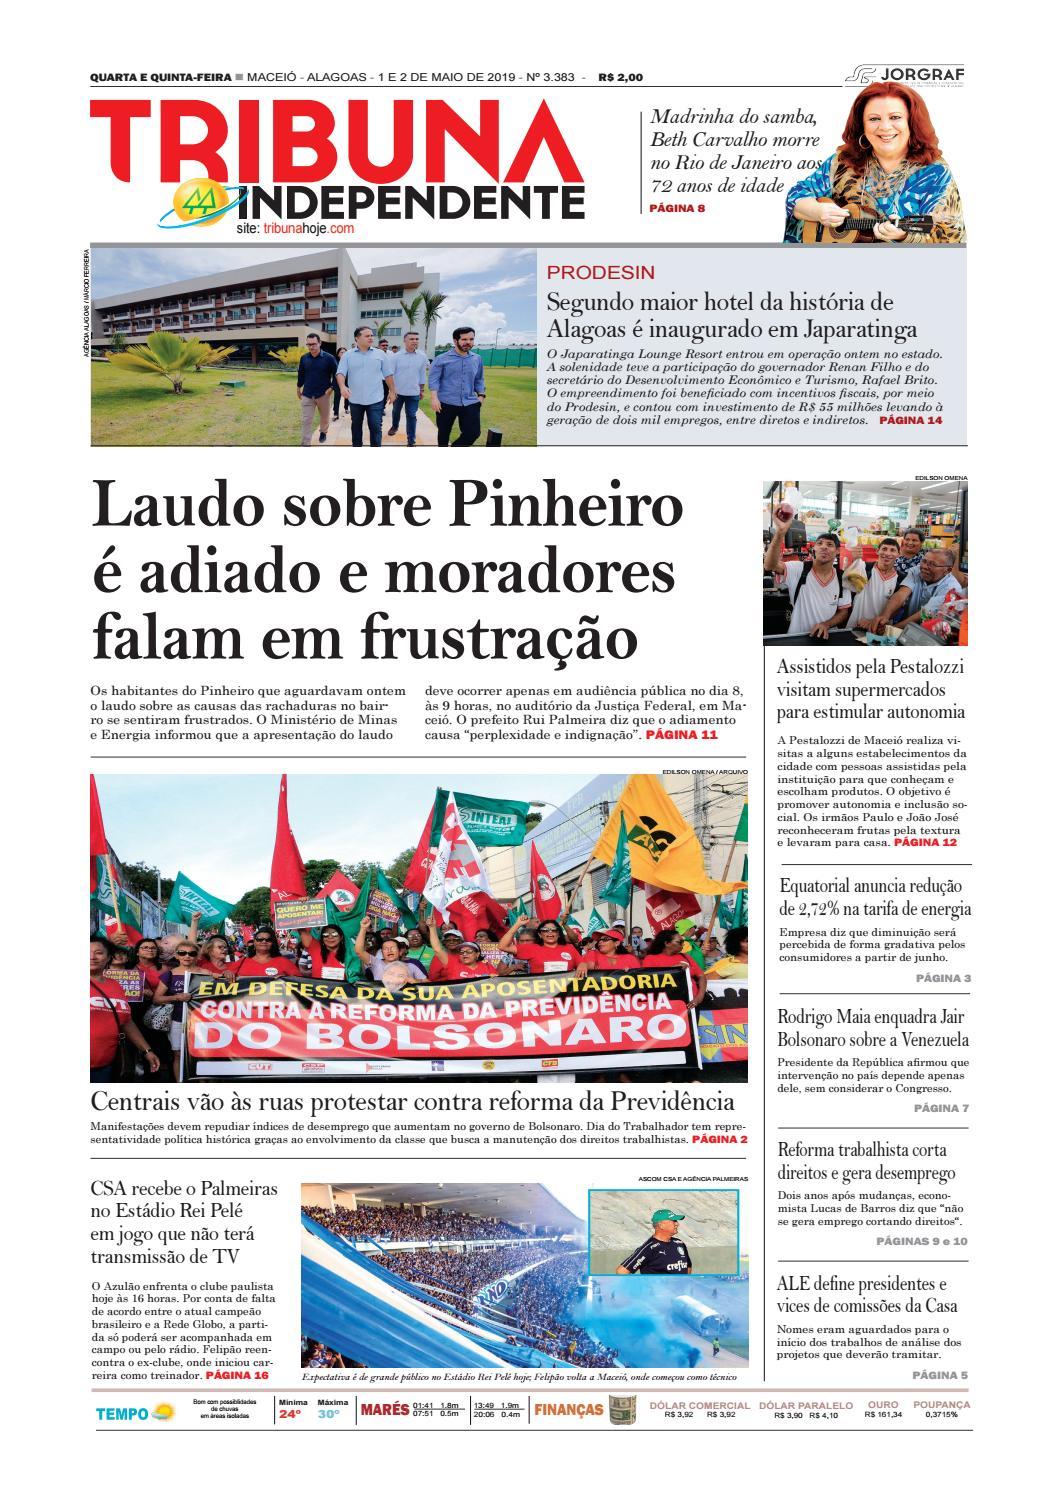 61c8eb0ae Edição número 3383 - 1 e 2 de maio de 2019 by Tribuna Hoje - issuu